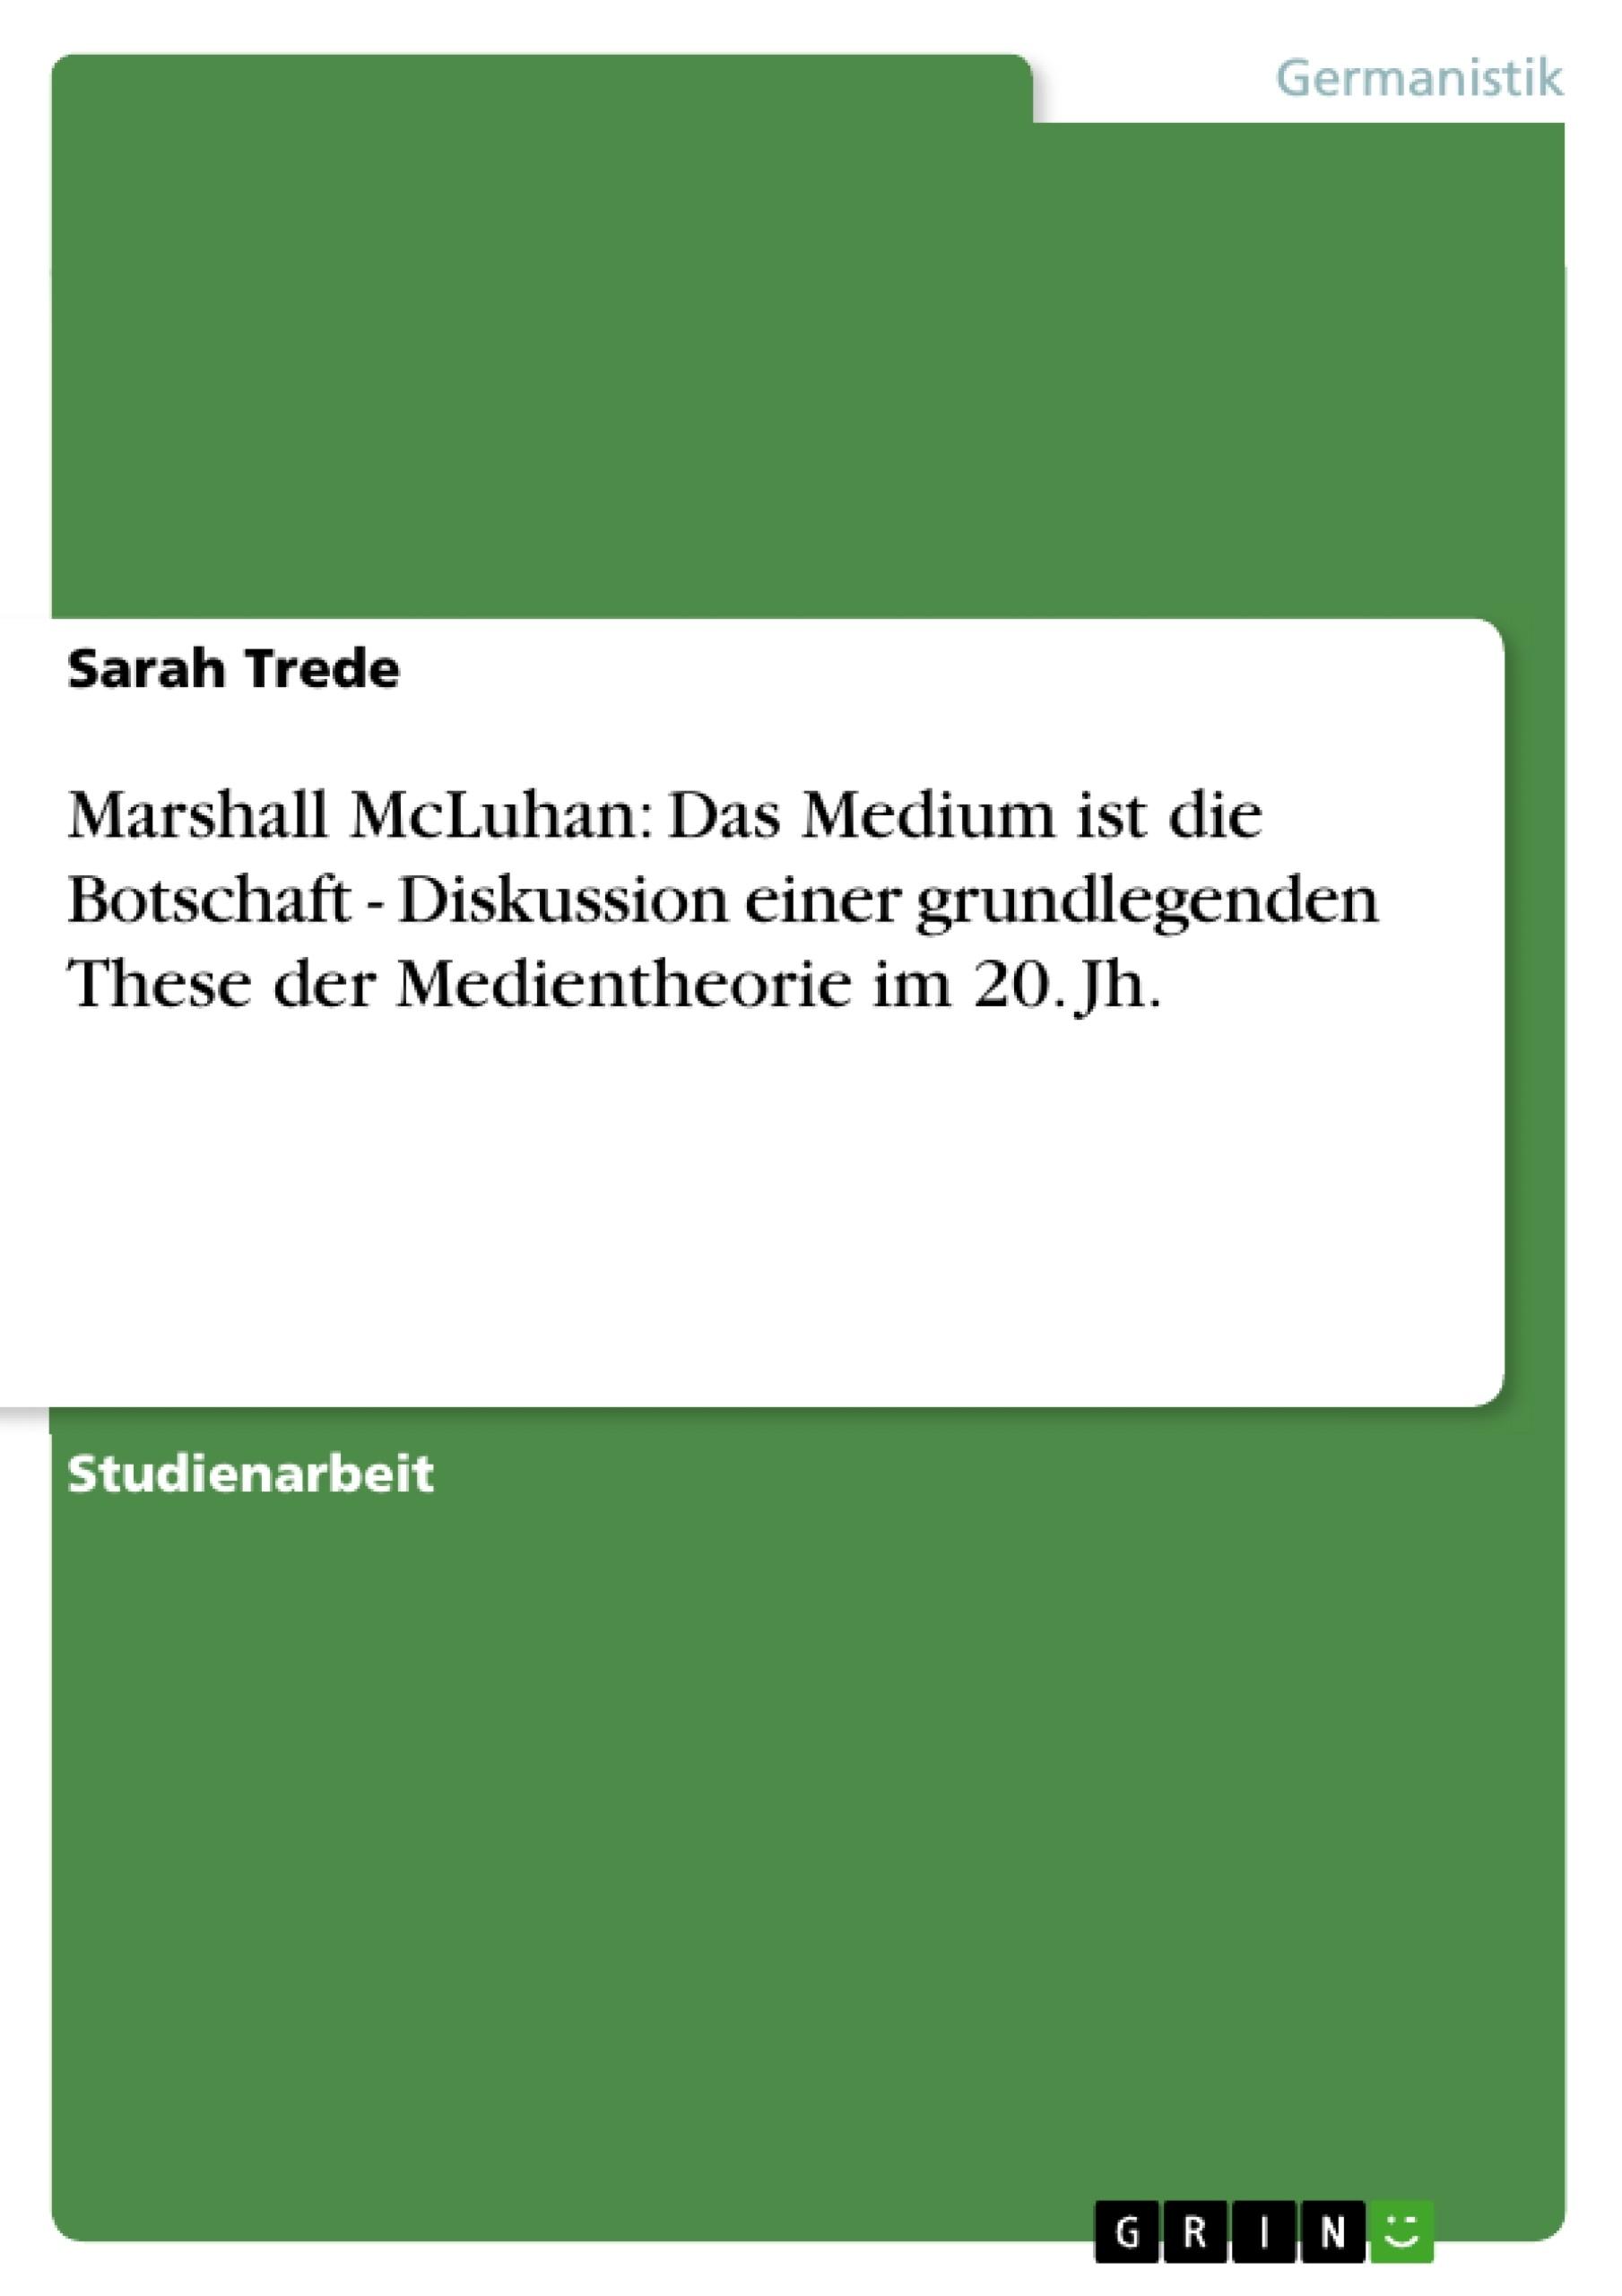 Titel: Marshall McLuhan: Das Medium ist die Botschaft - Diskussion einer grundlegenden These der Medientheorie im 20. Jh.